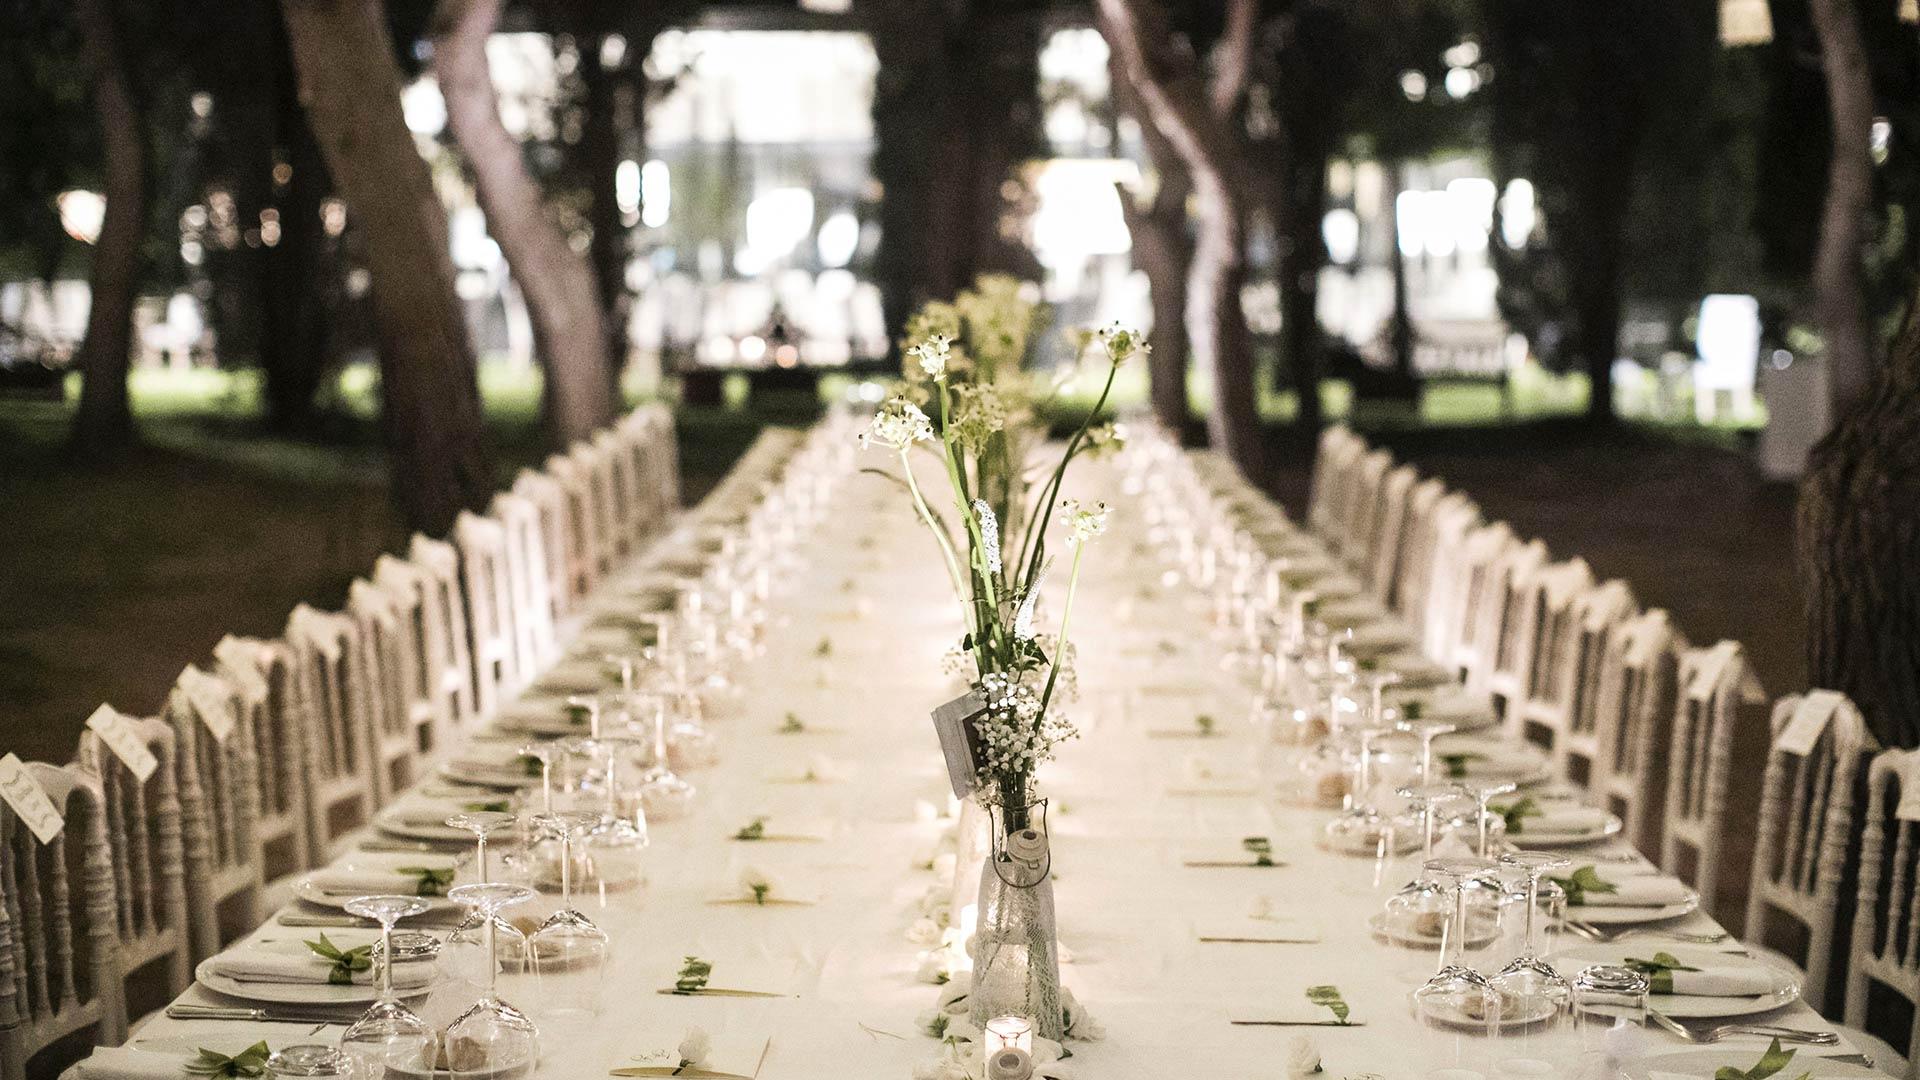 matrimonio estivo tavola imperiale